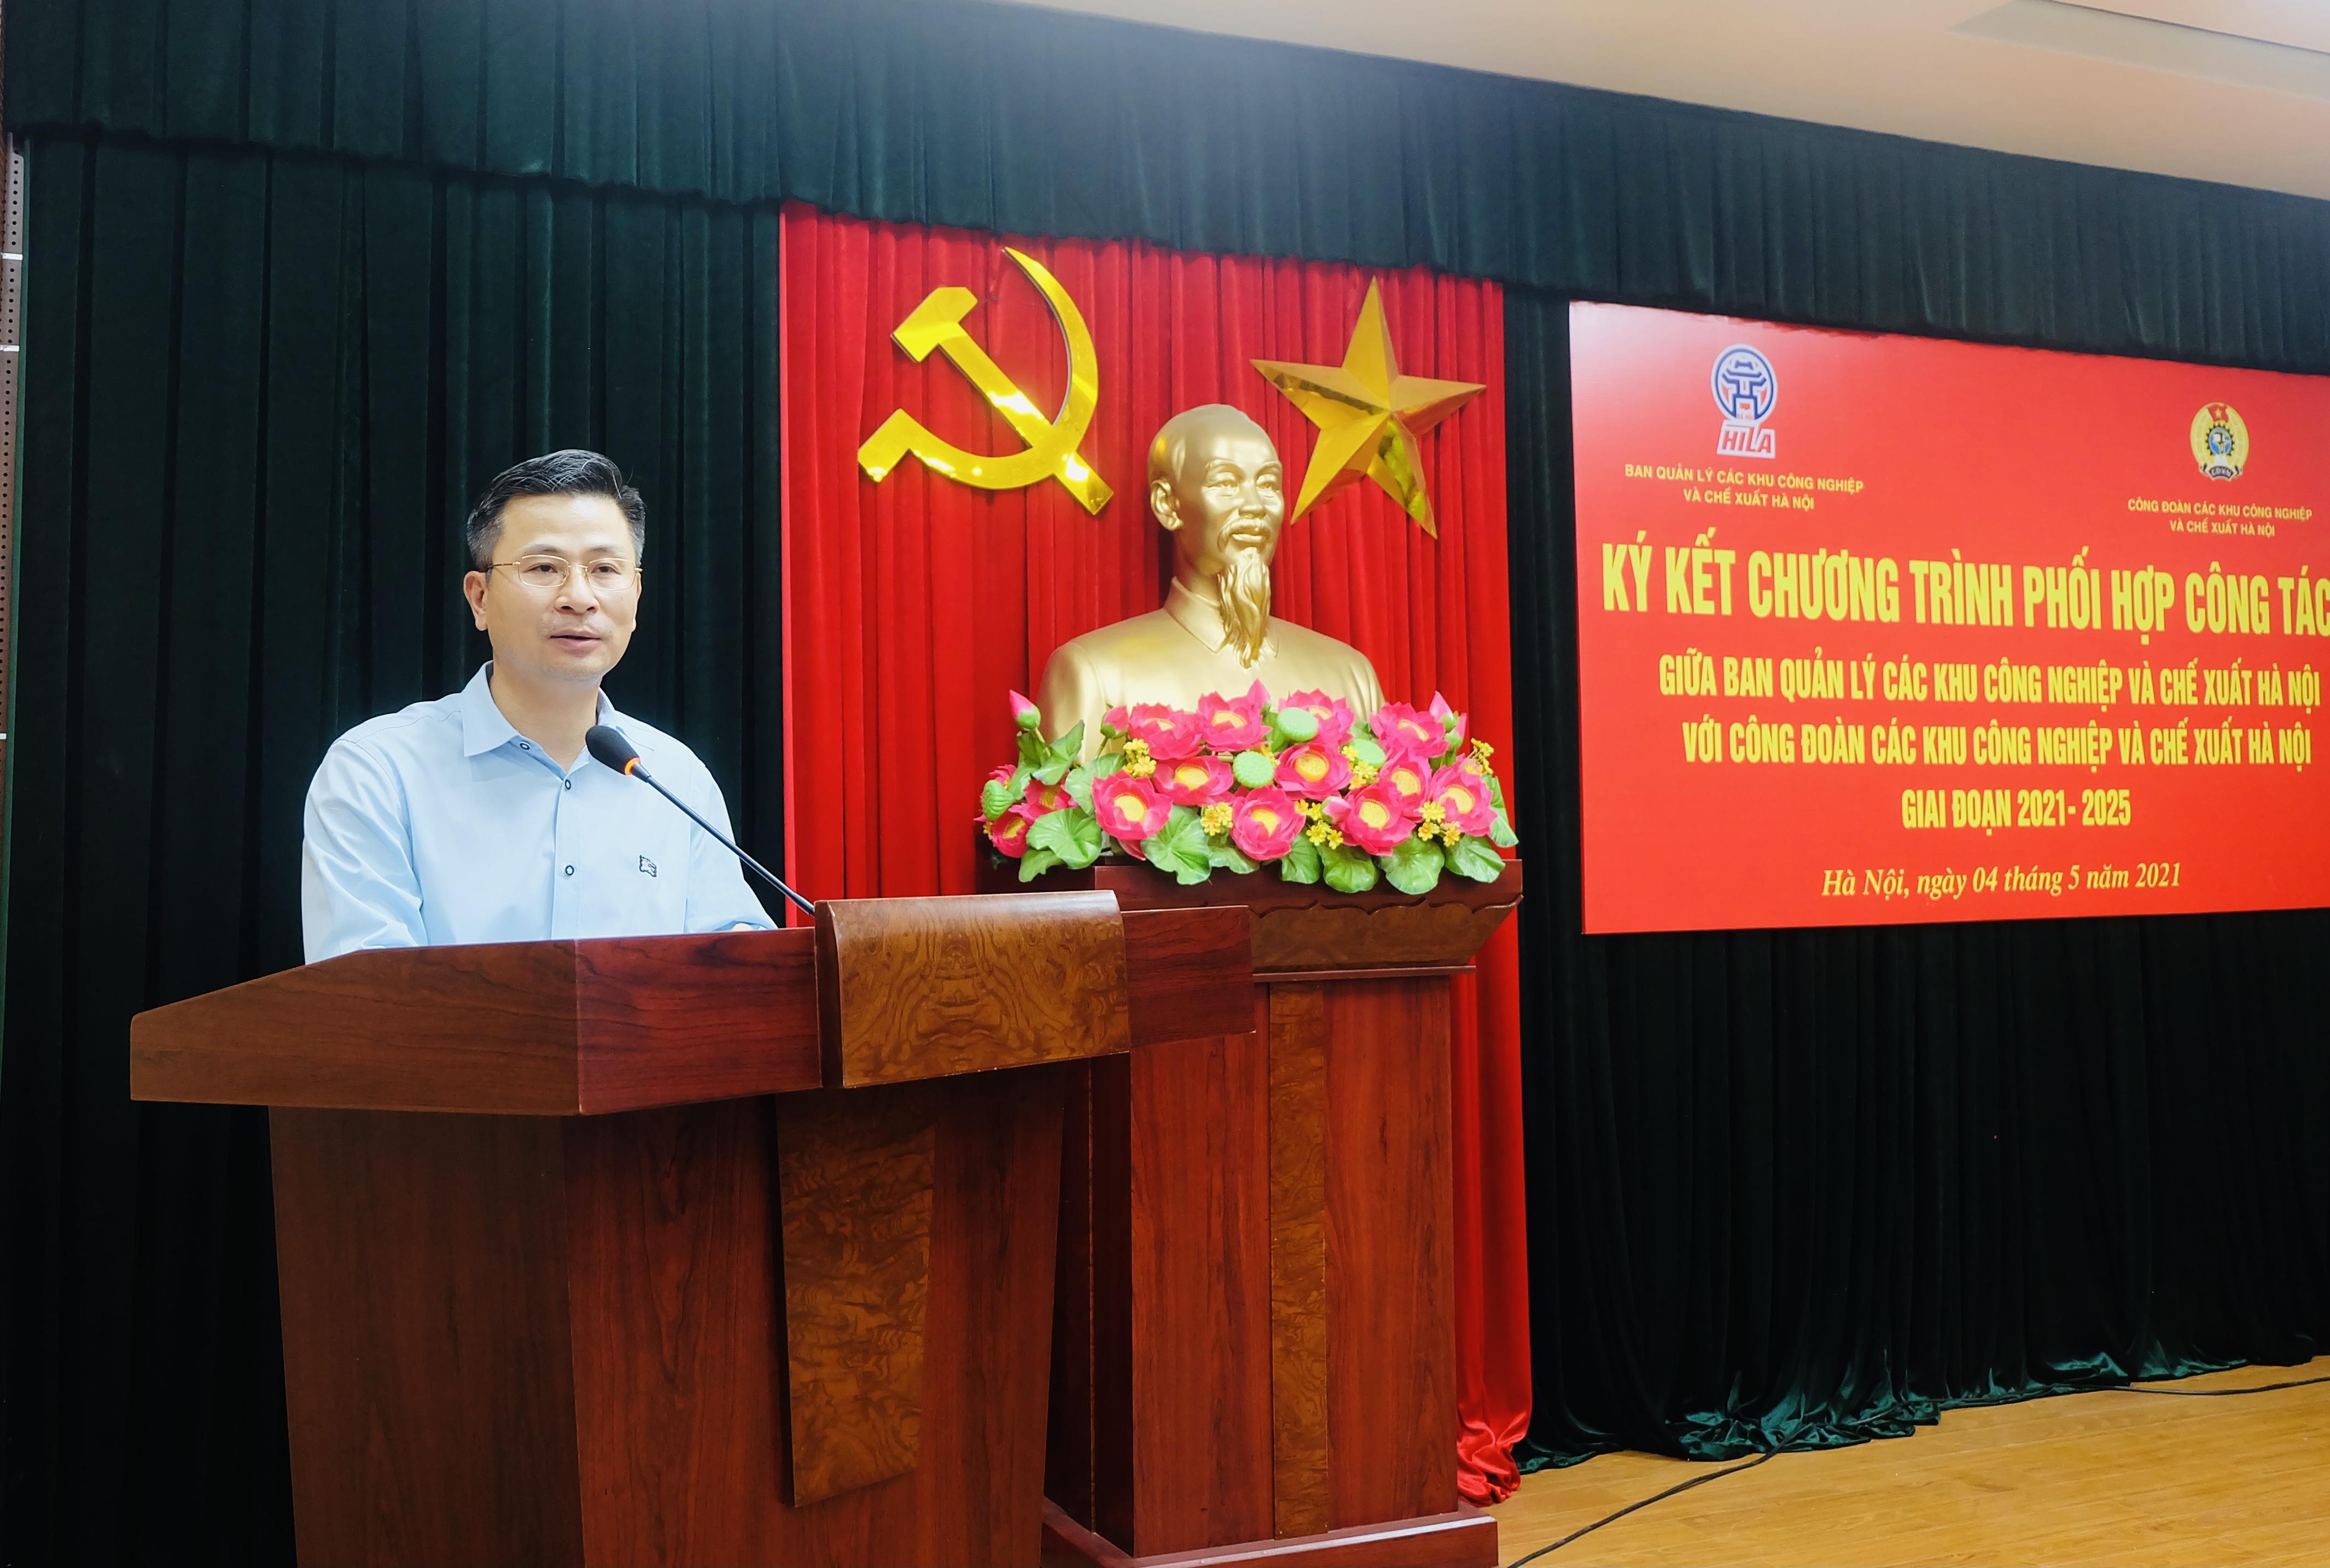 Ban Quản lý và Công đoàn các Khu công nghiệp và chế xuất Hà Nội ký kết chương trình phối hợp công tác